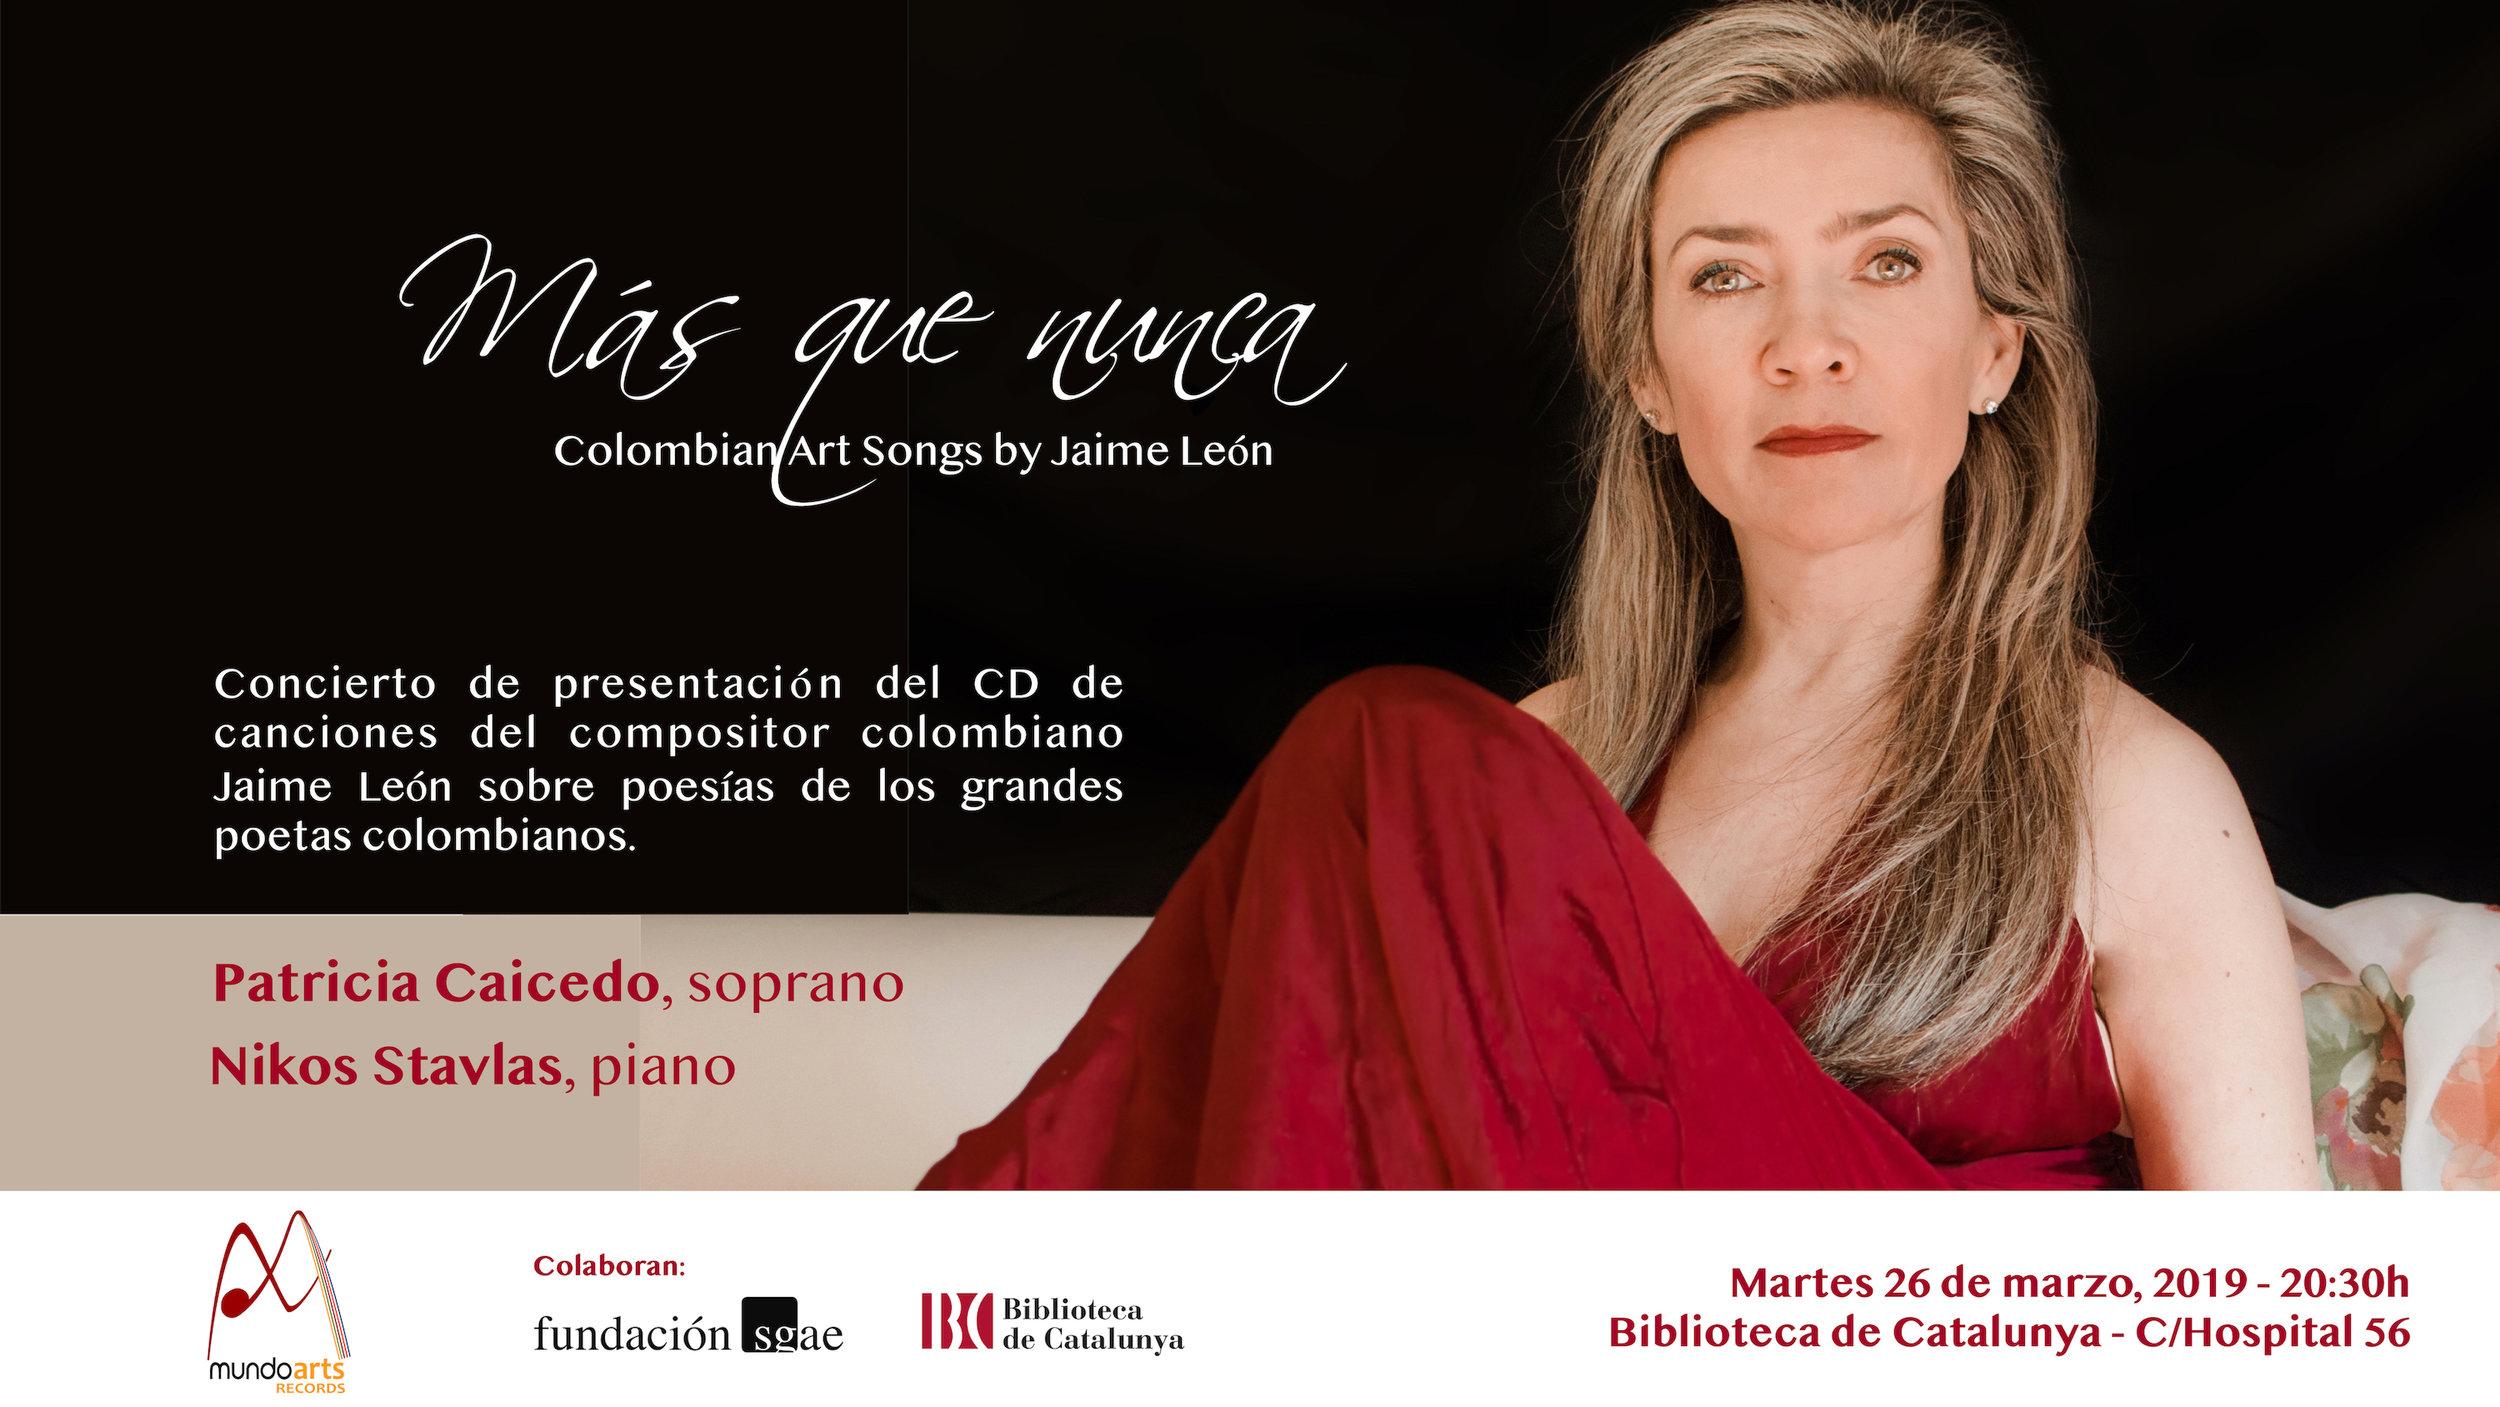 Concierto de presentación Jaime León